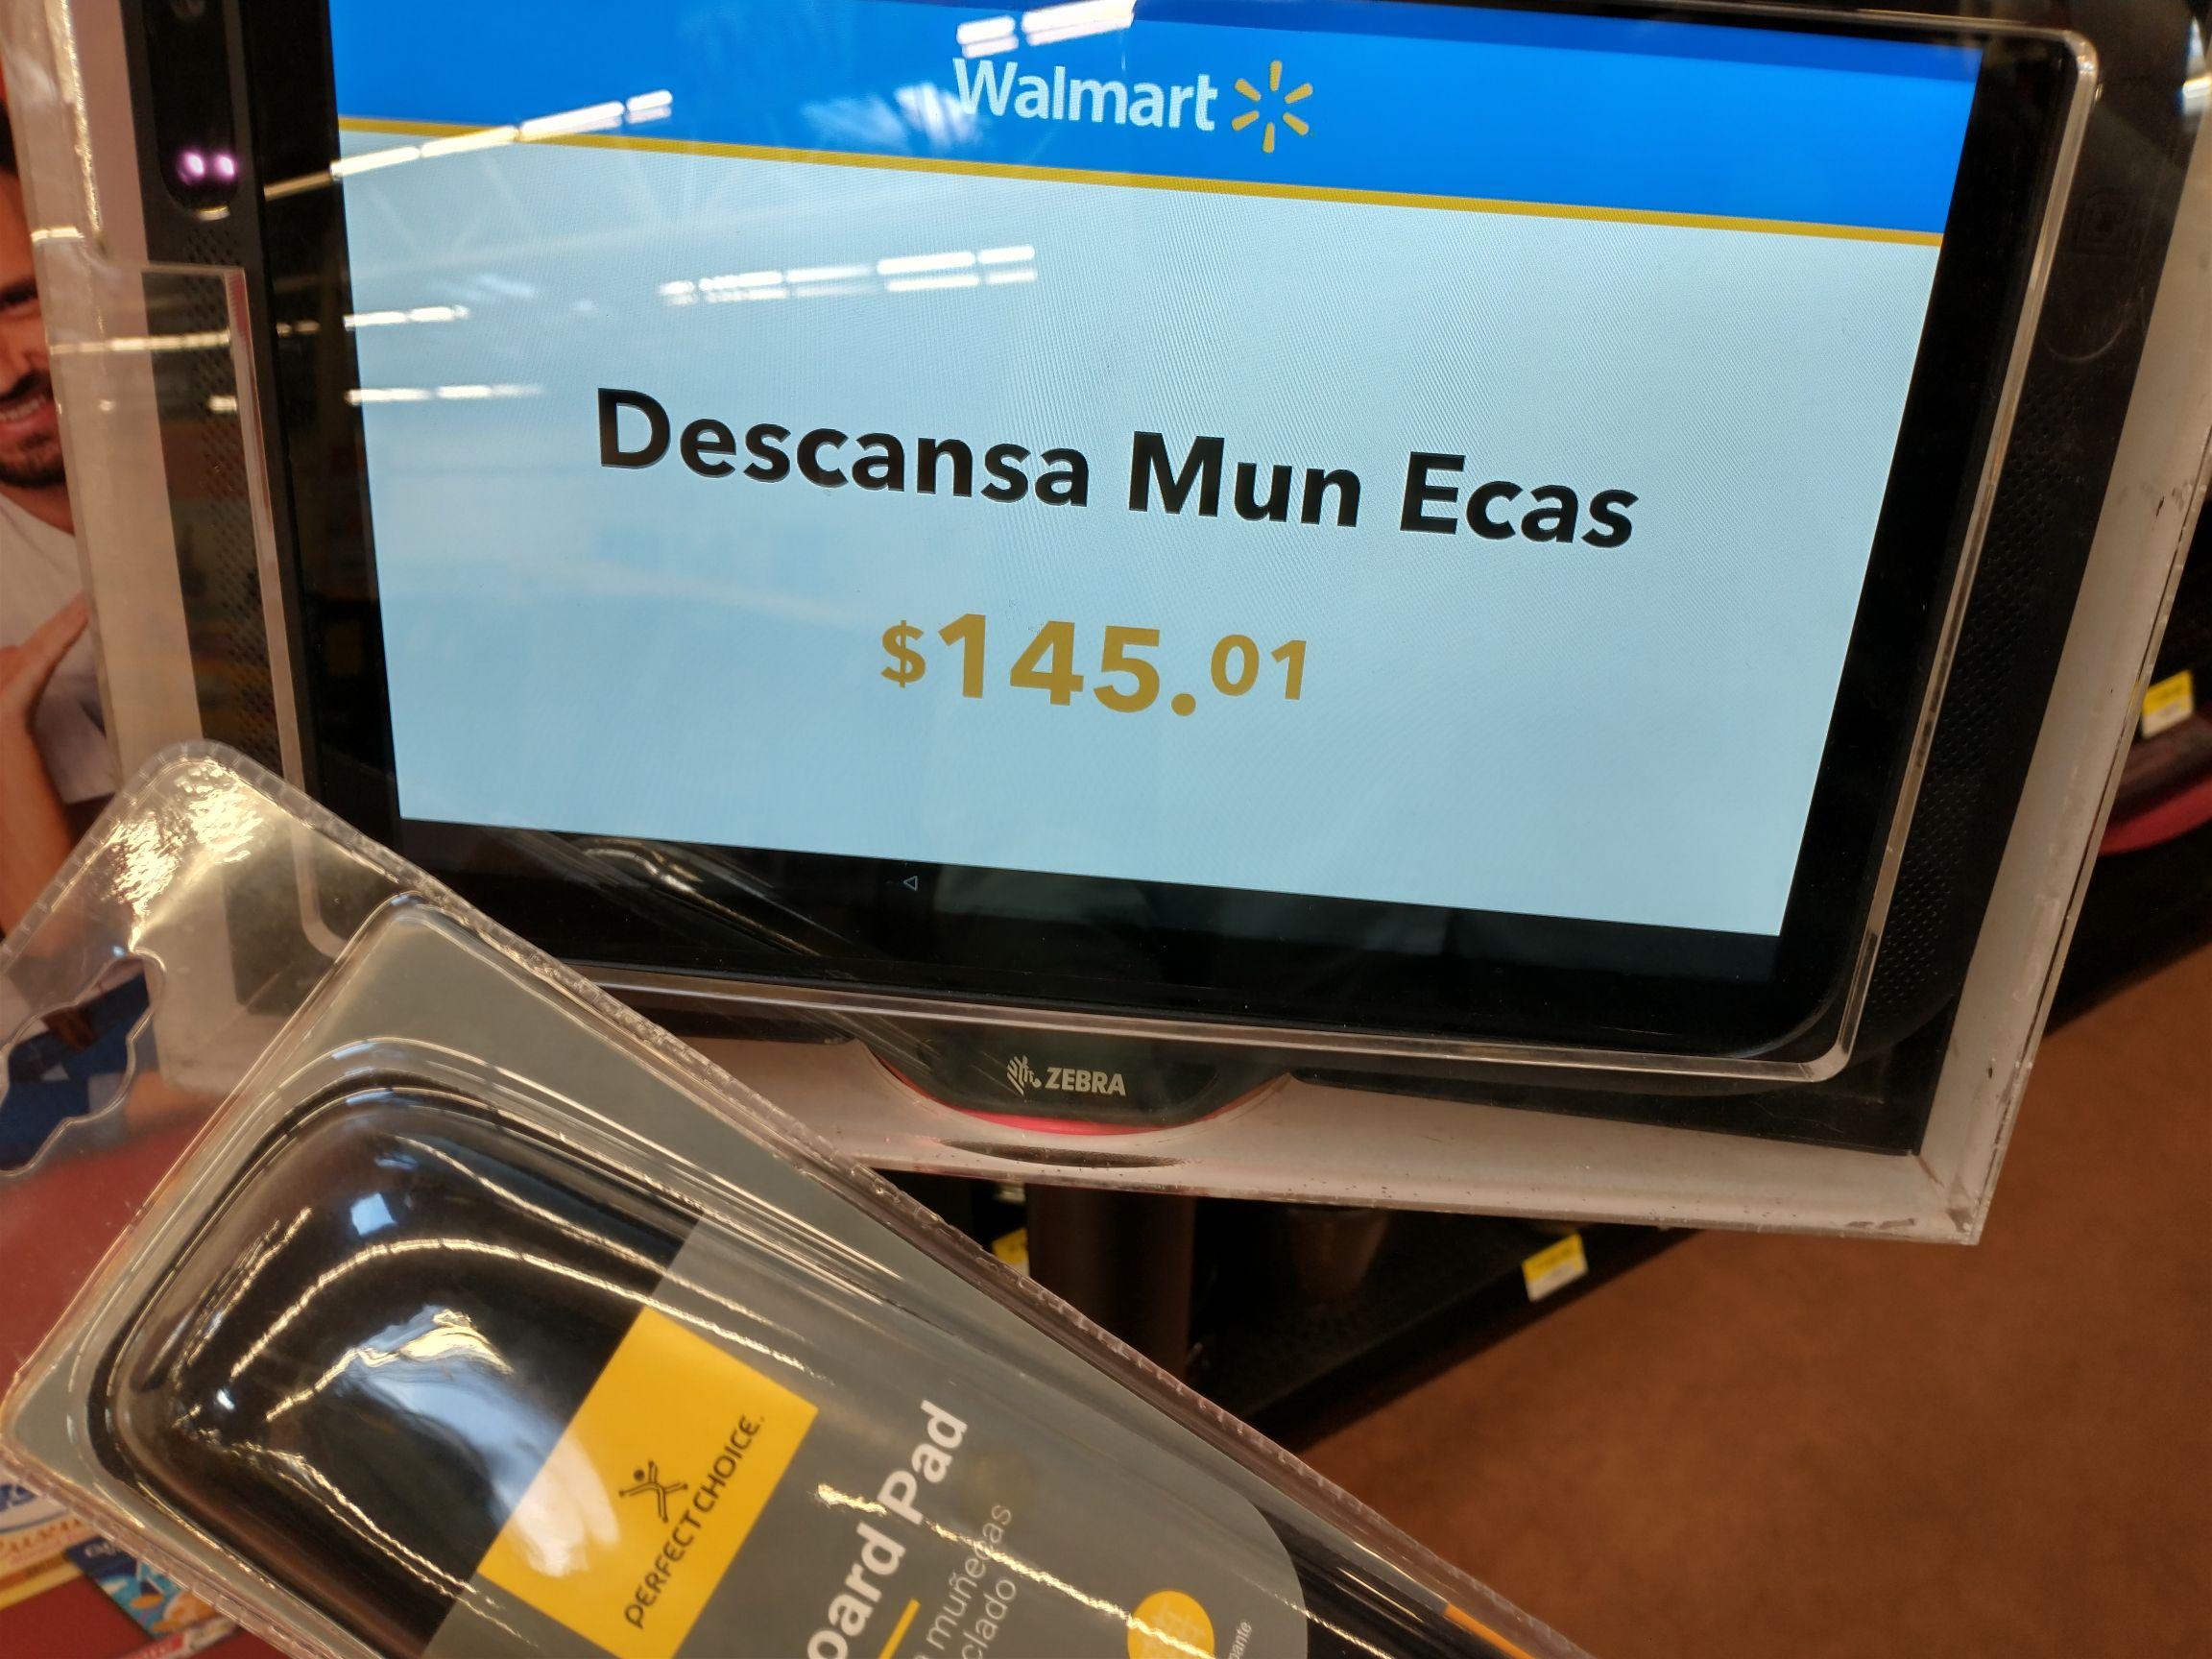 Walmart Parral: ofertas de liquidación - Descansa muñecas, Cafetera y más